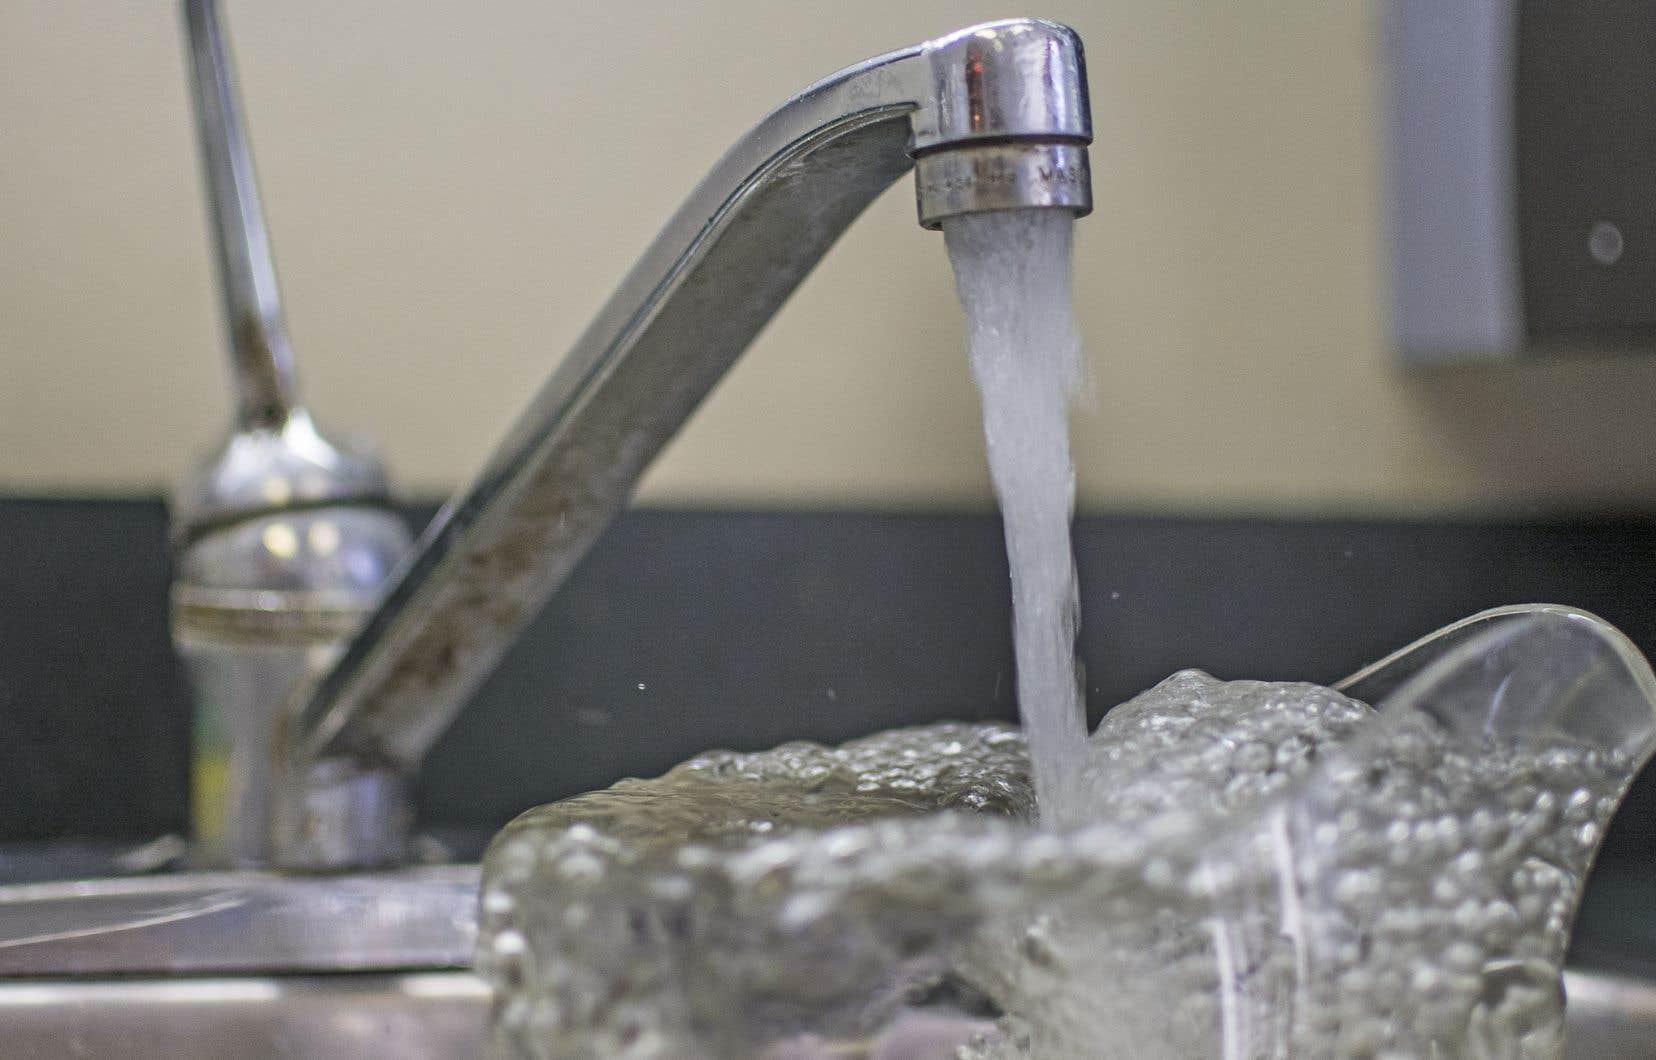 <p>Les citoyens dans l'arrondissement de Ville-Marie peuvent utiliser l'eau du robinet à nouveau, à l'exception de certaines adresses.</p>